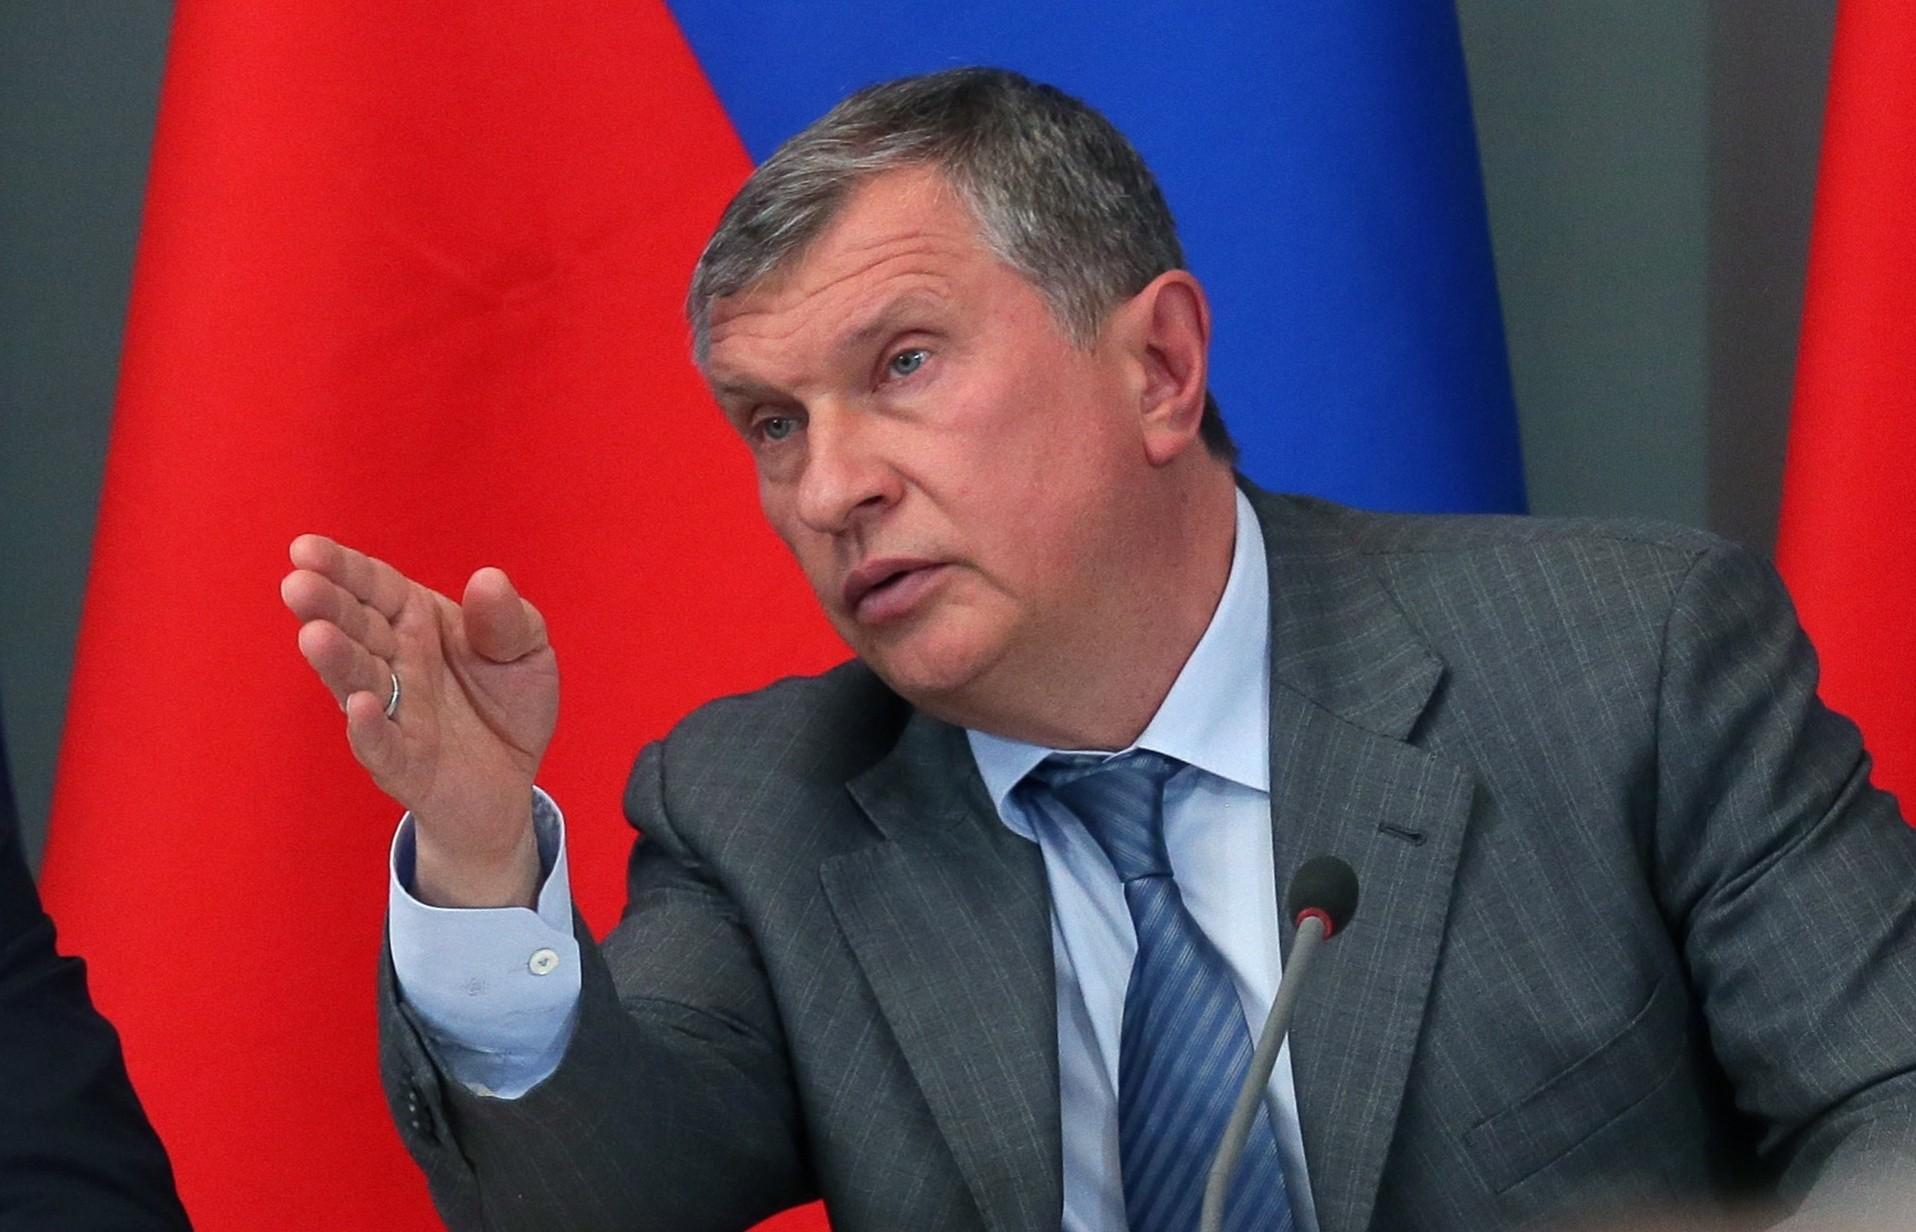 Руководитель Роснефти Игорь Сечин лично присутствовал навстрече вофисе Роснефти